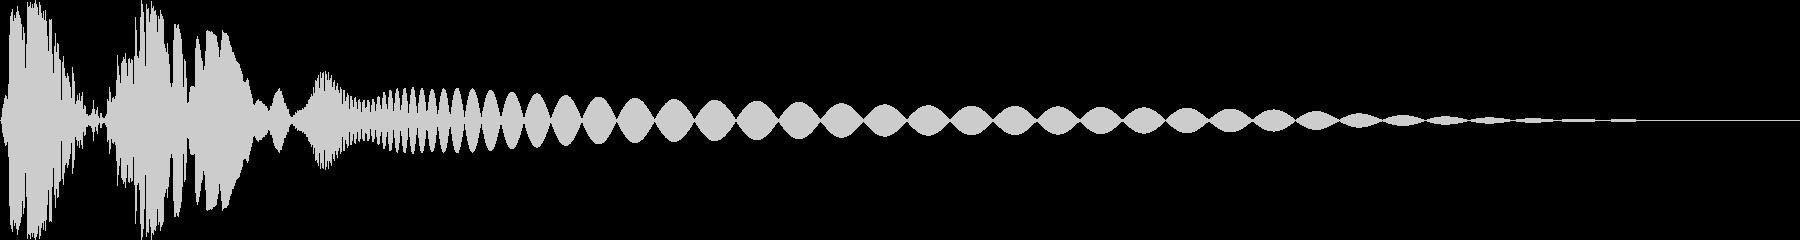 プチュン(モニタoff ロボの目が光る)の未再生の波形